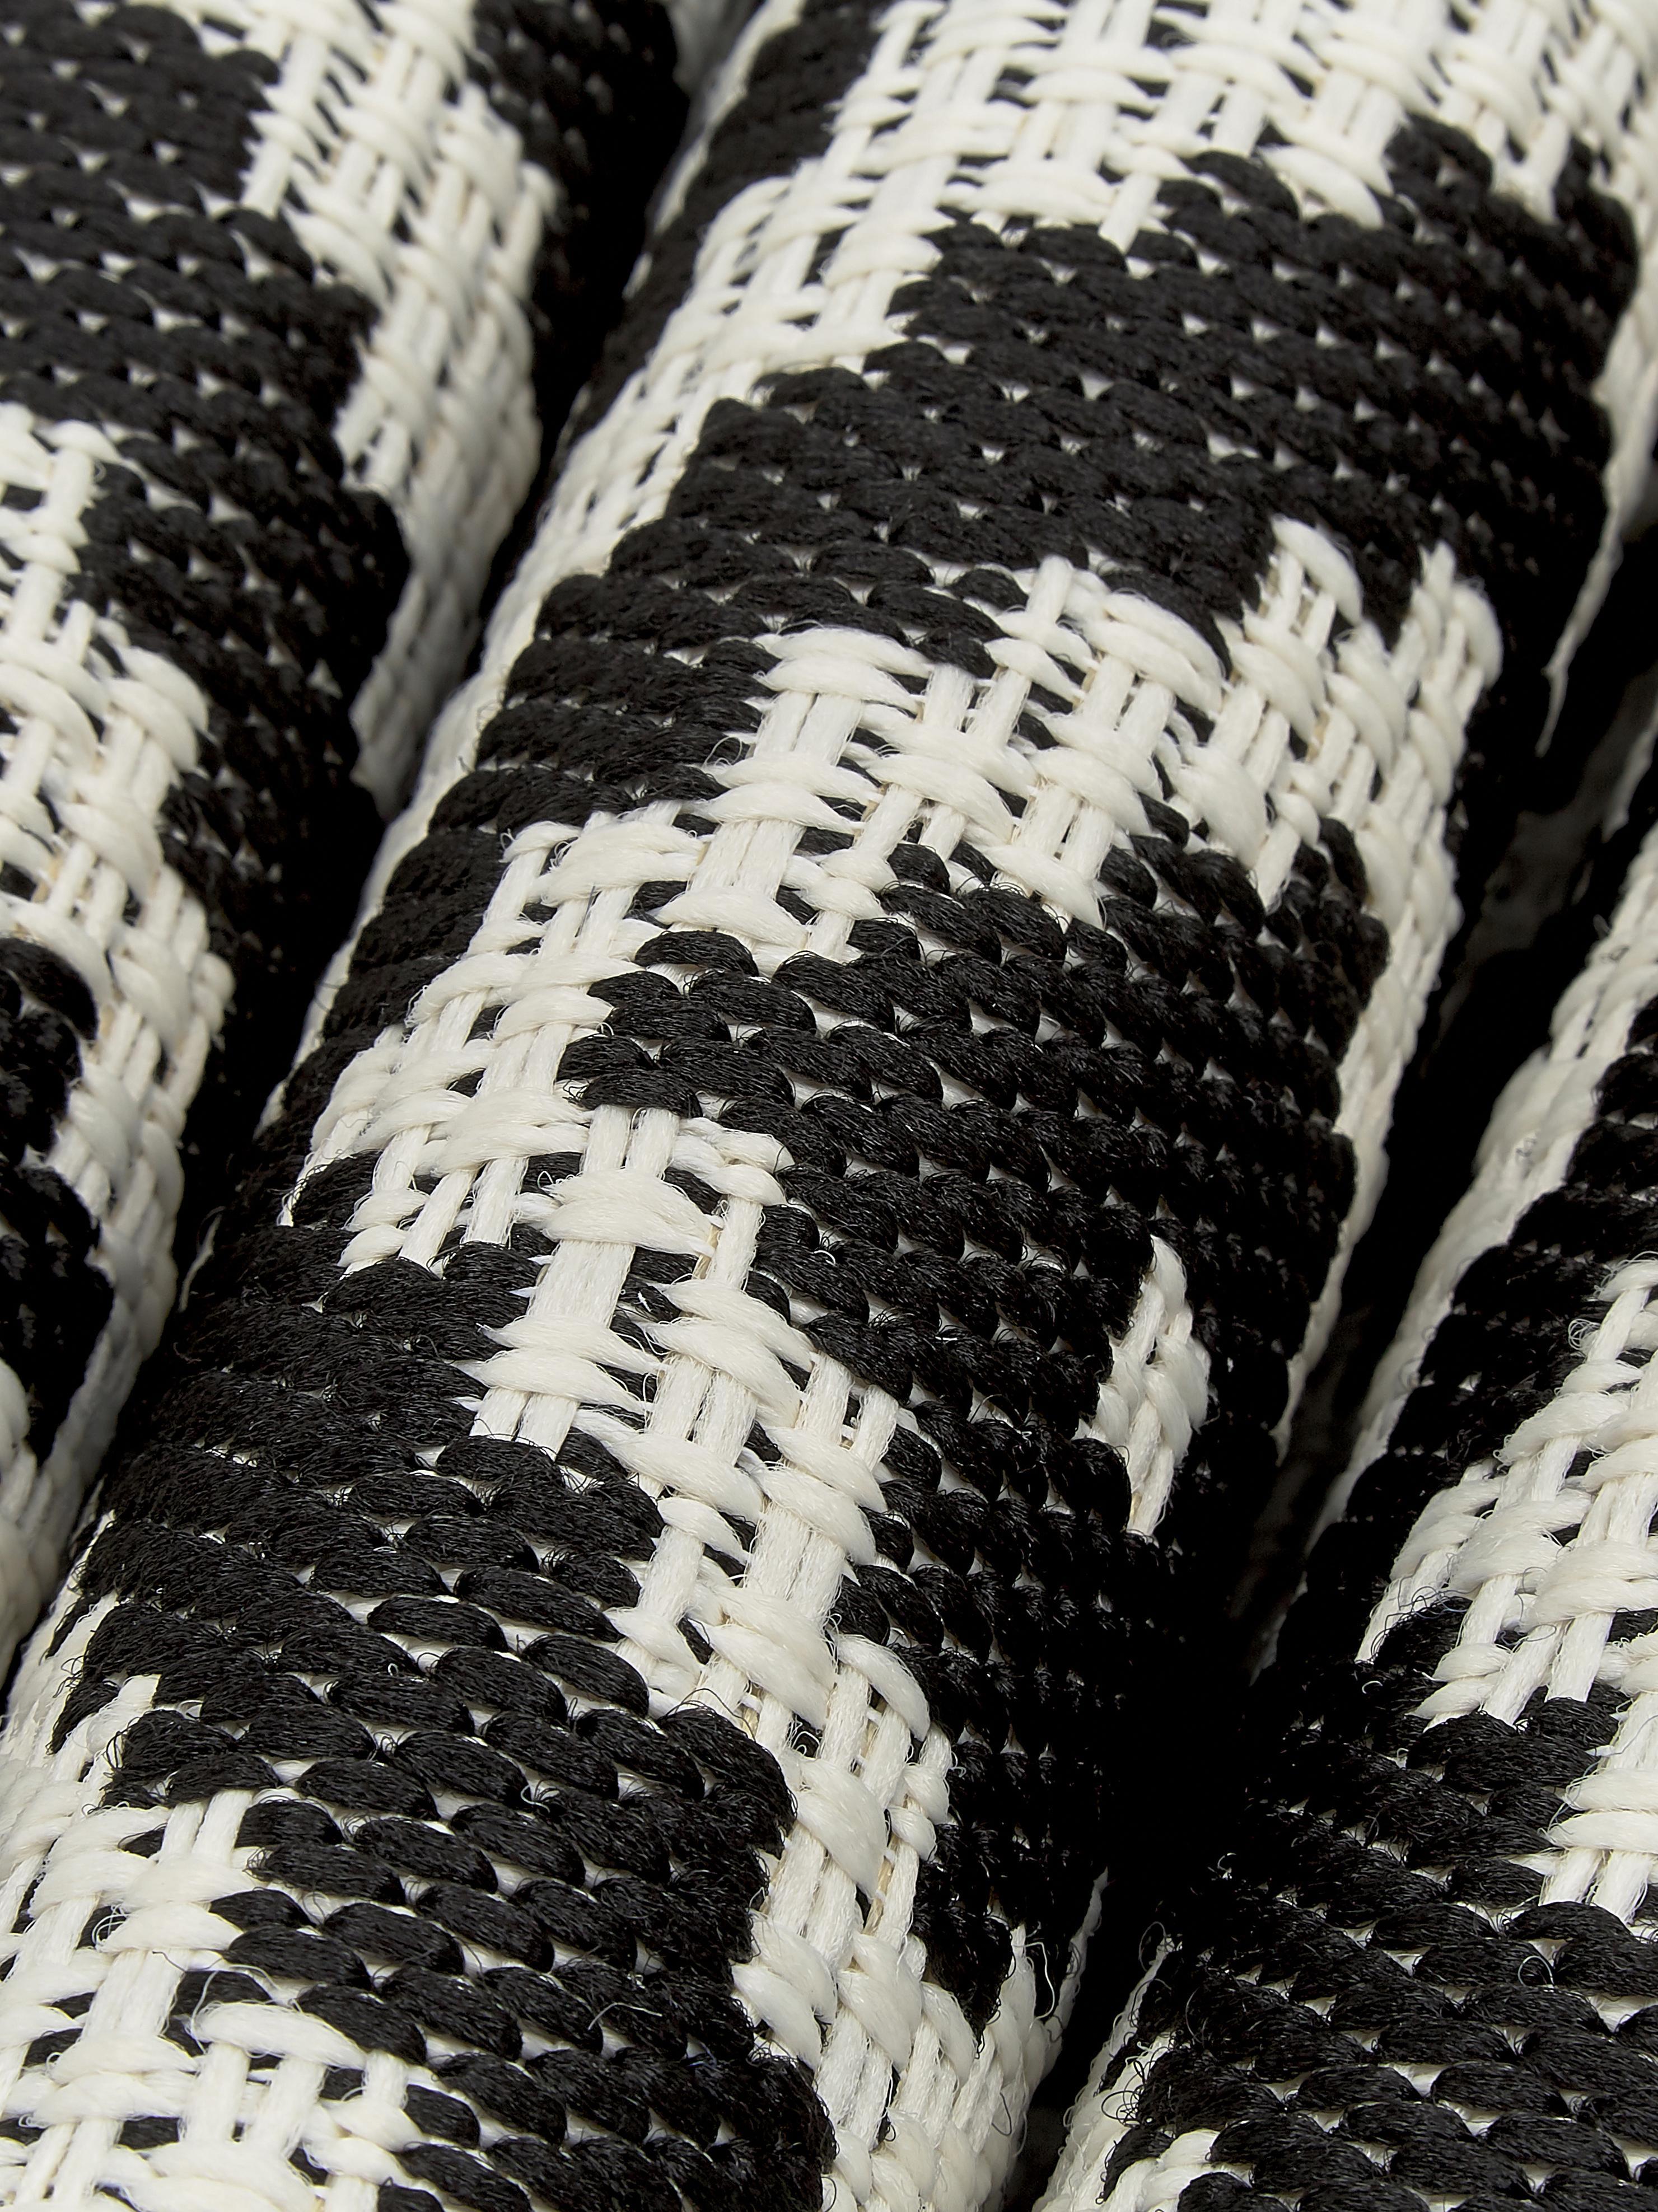 Gemusterter In- & Outdoor-Läufer Miami in Schwarz/Weiß, Flor: 100% Polypropylen, Cremeweiß, Schwarz, 80 x 250 cm